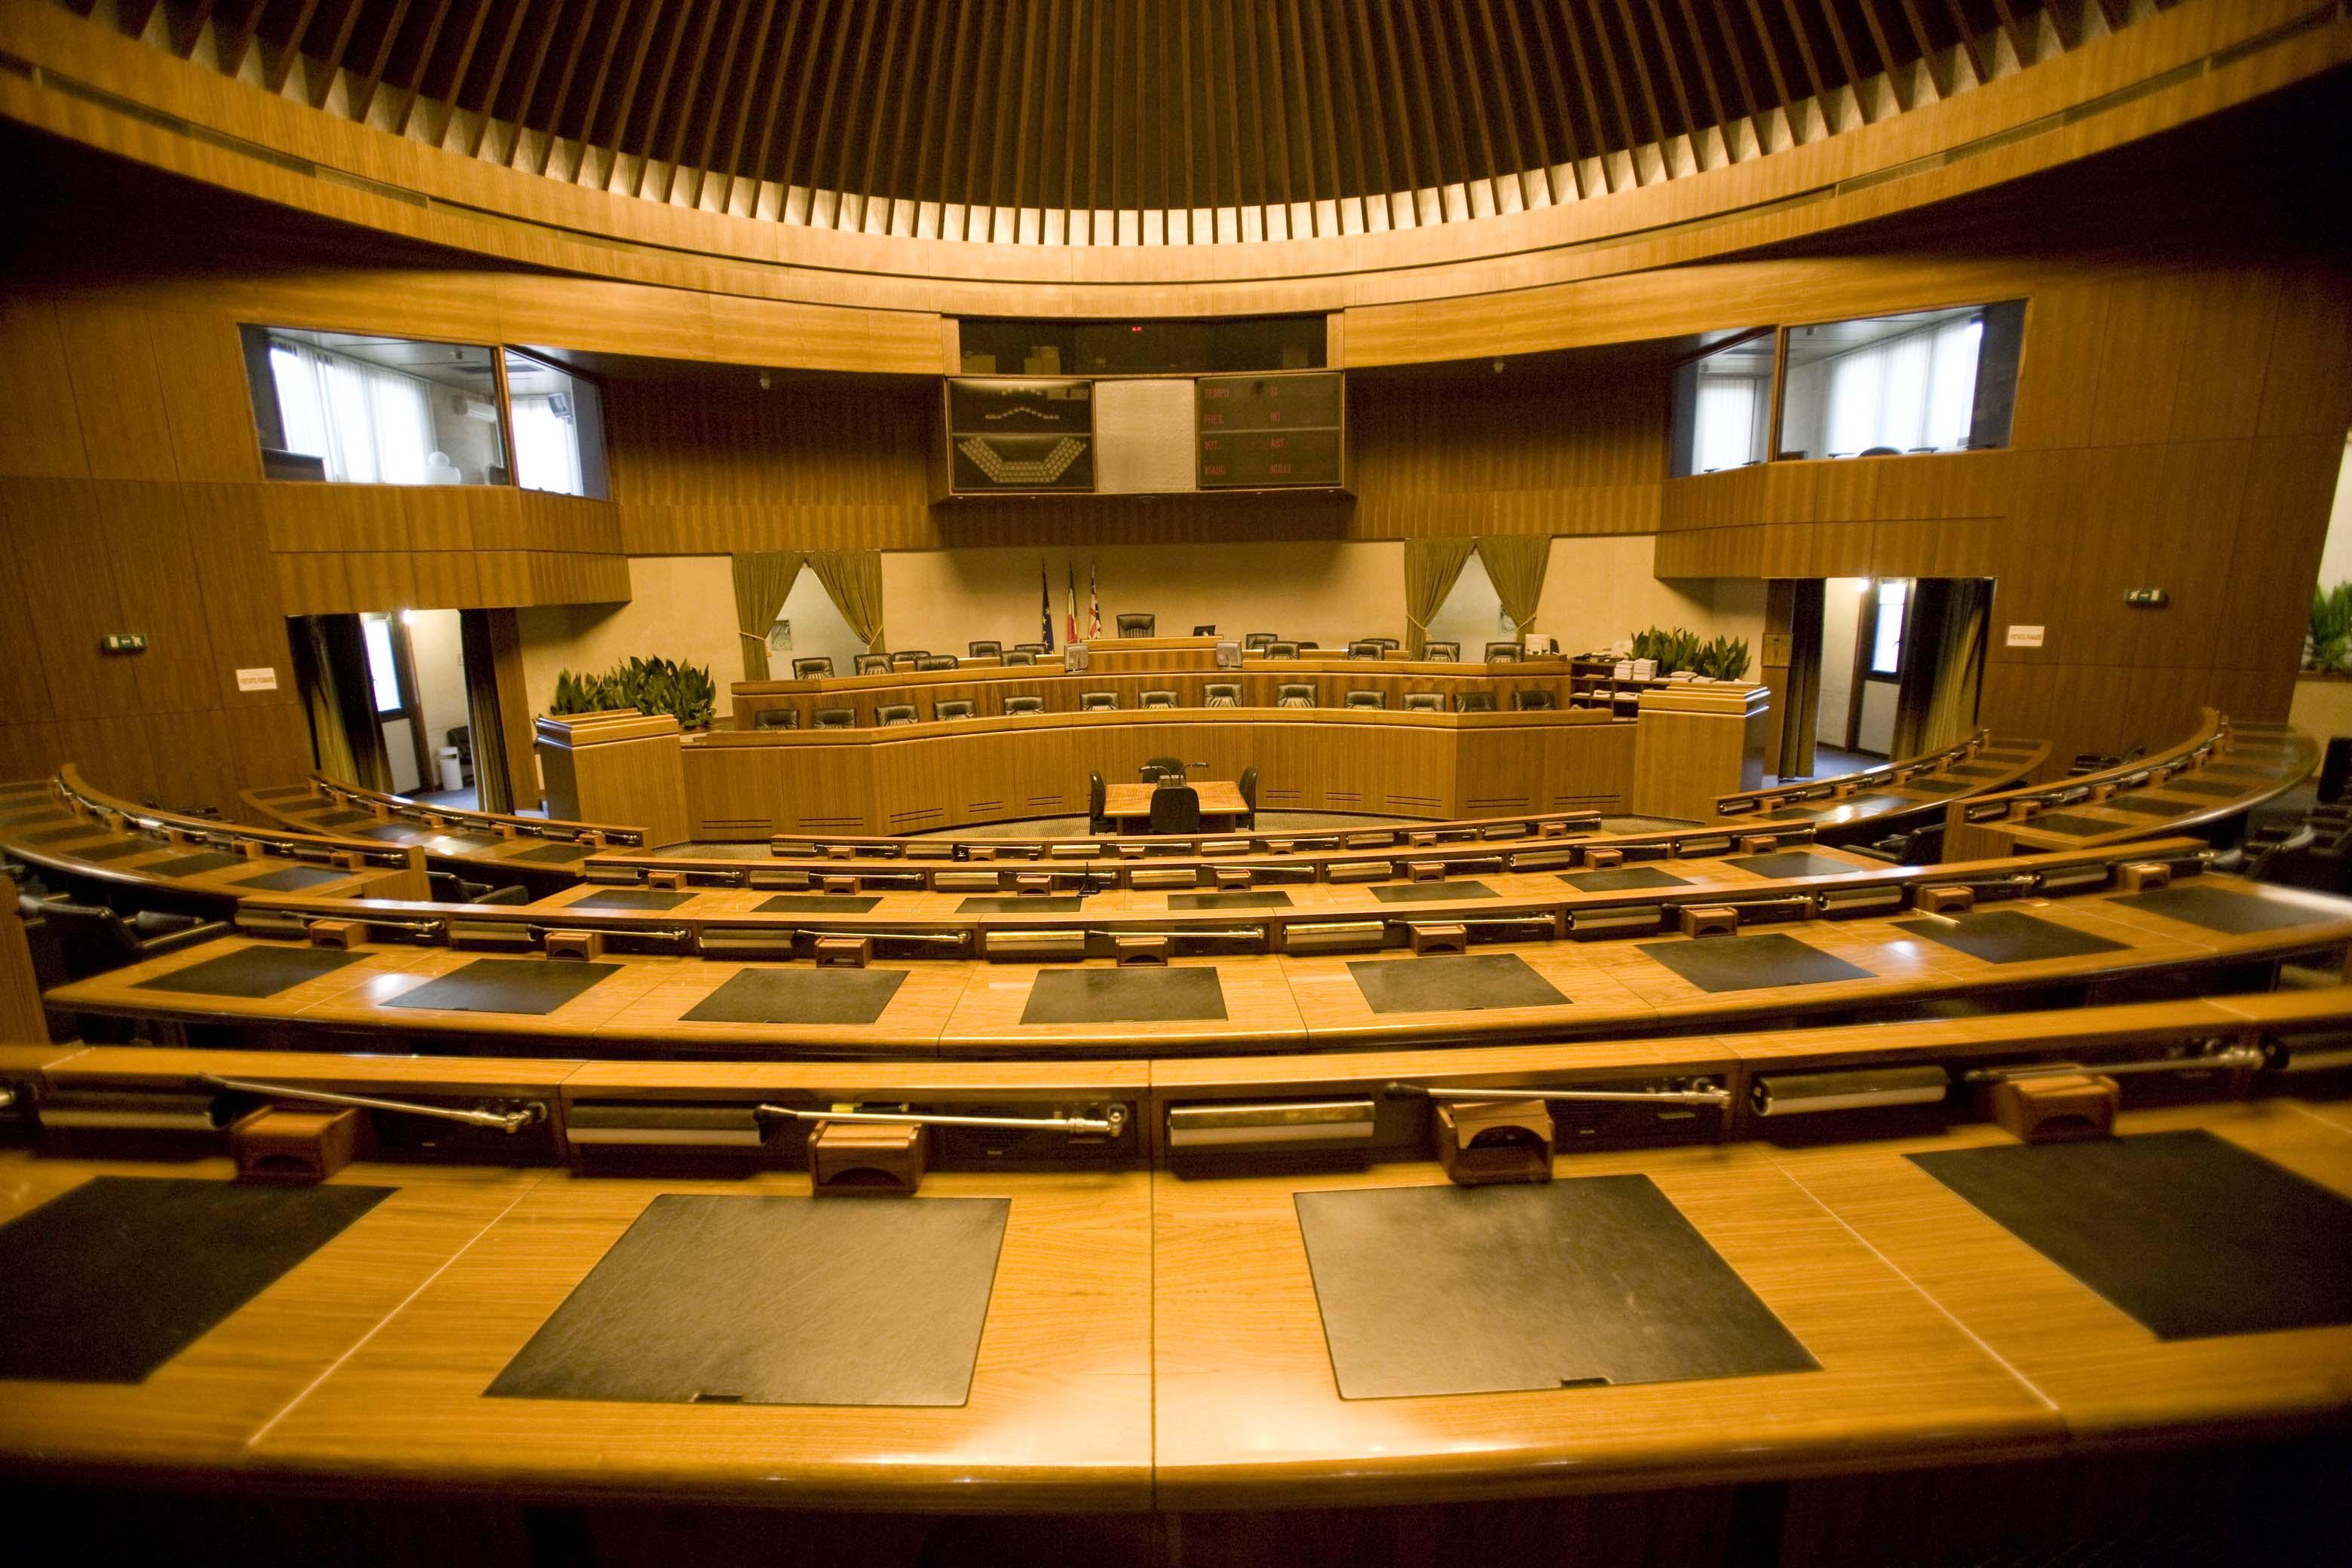 TURISMO, Il Consiglio regionale approva soppressione di Sardegna Promozione. Presidenza sarà controparte nel ricorso Tar del Cagliari Calcio